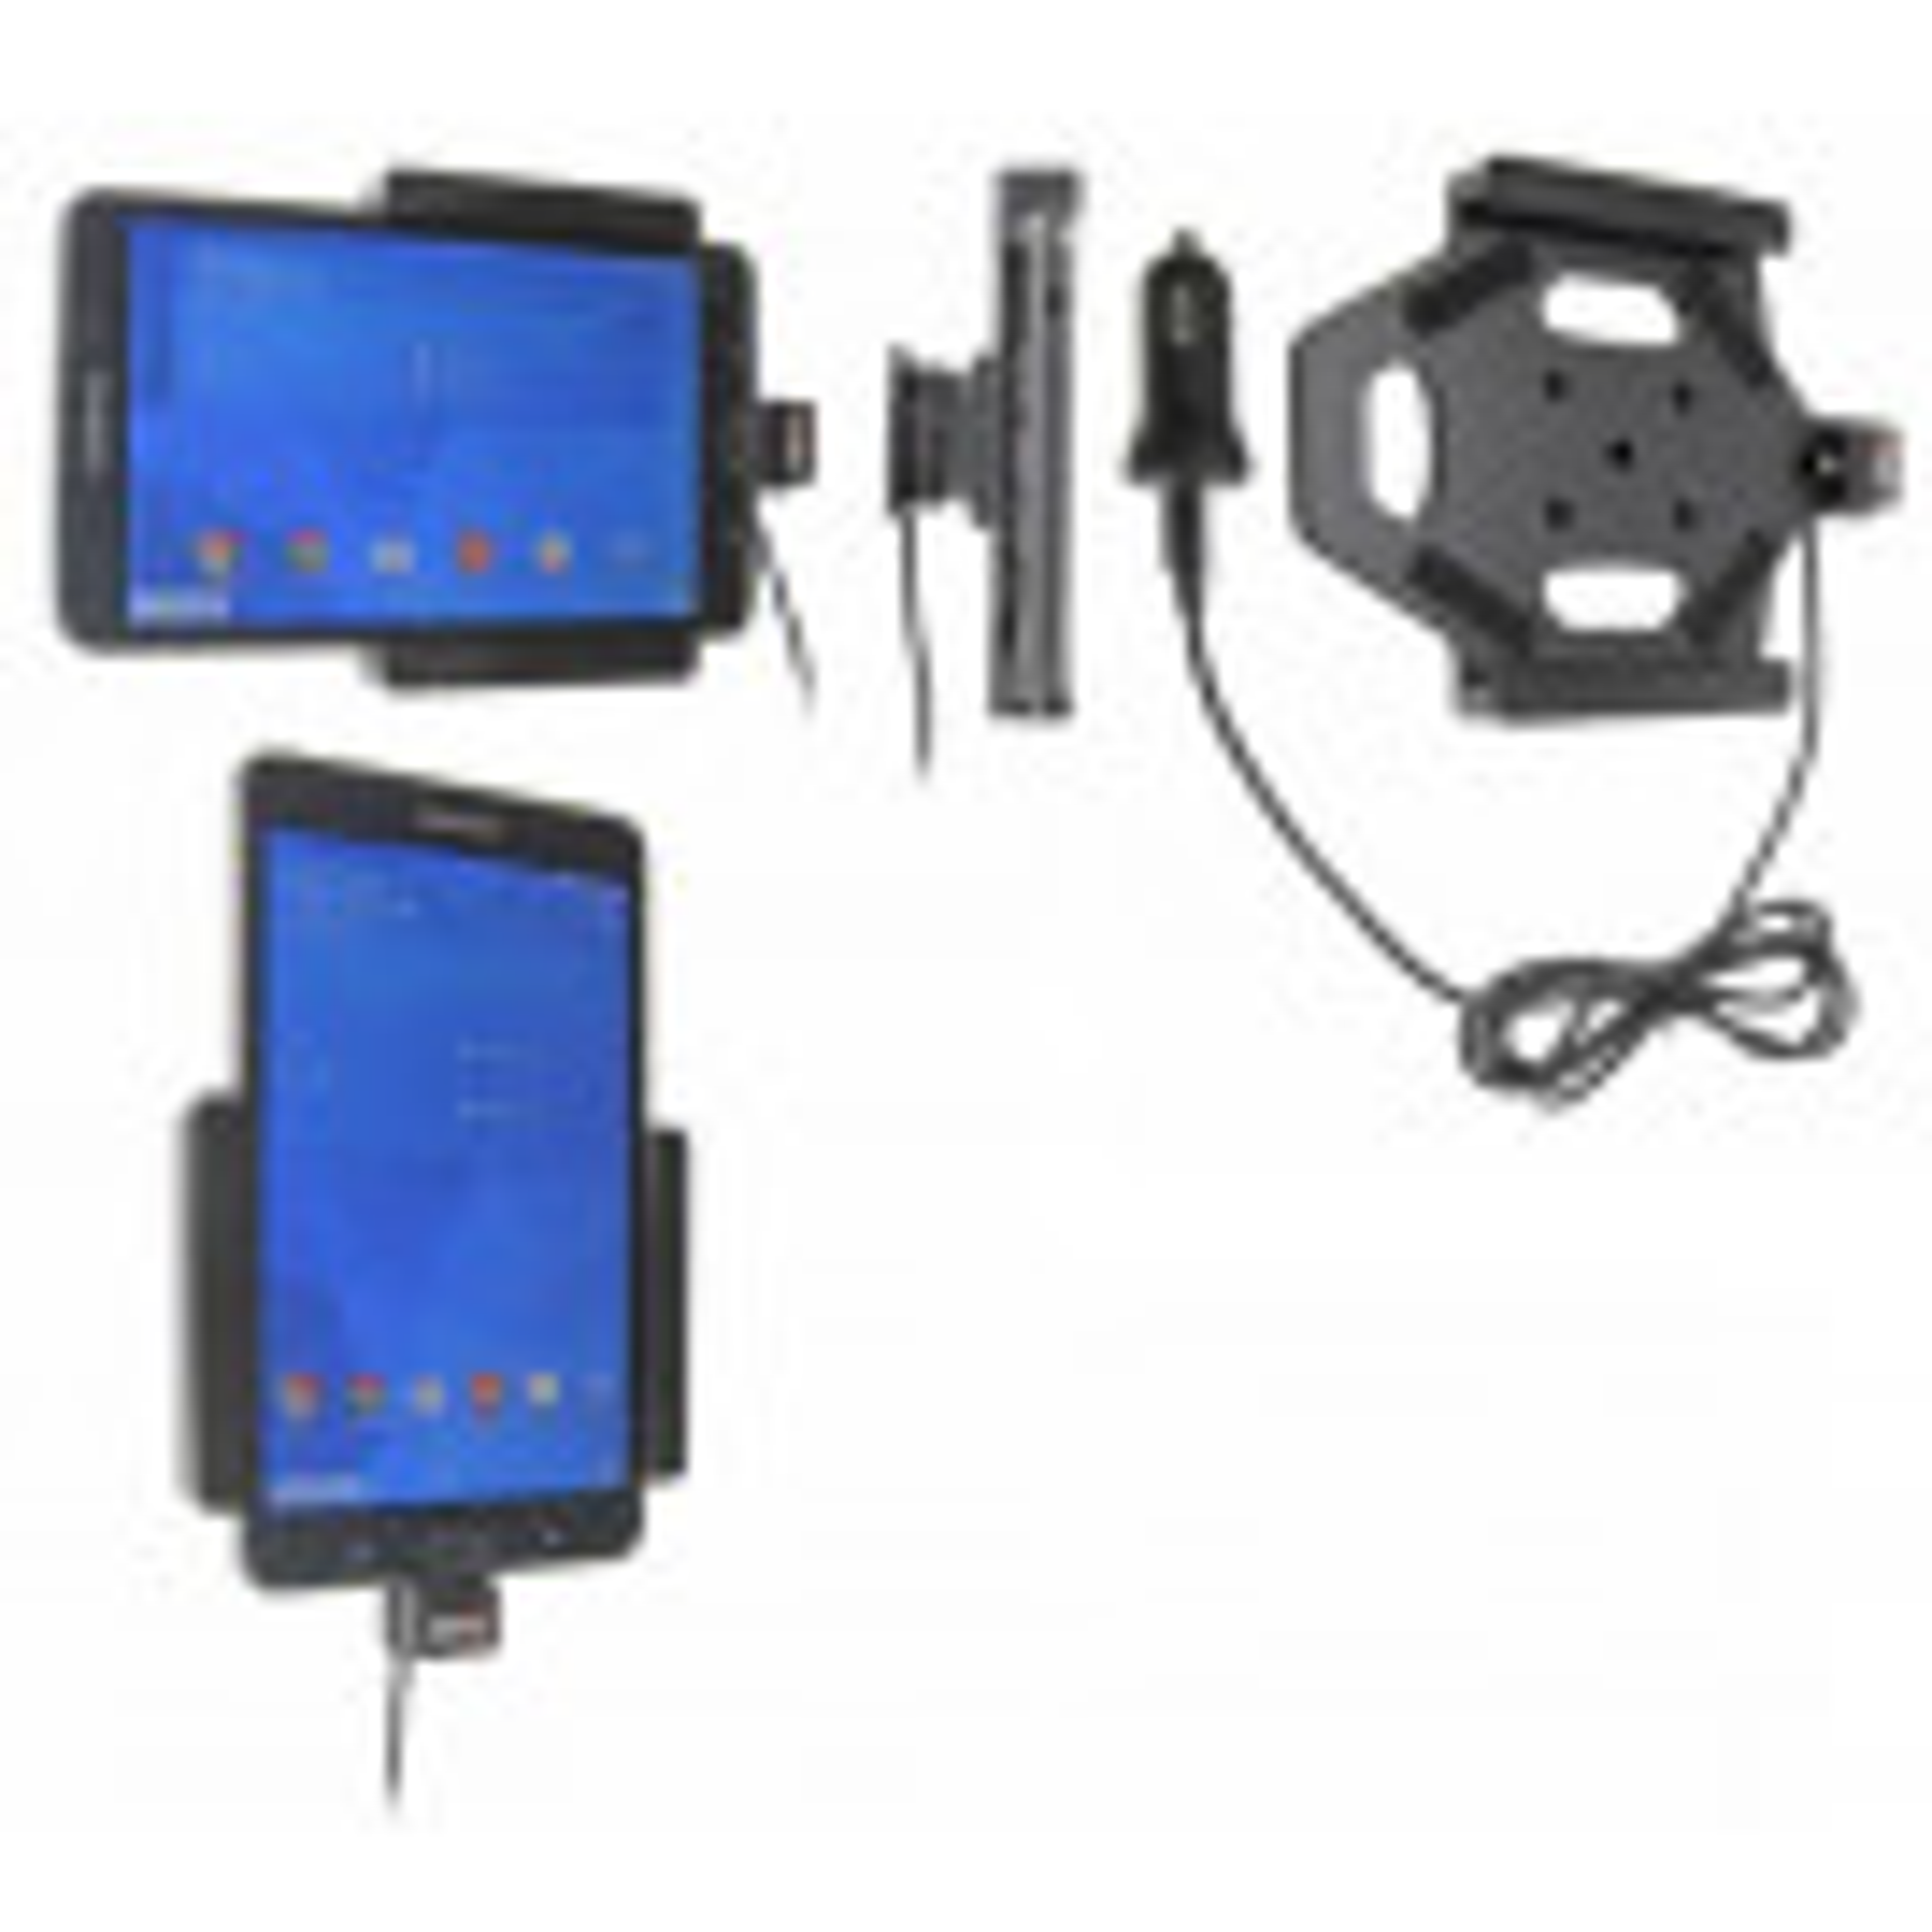 Brodit Aktiv Tablet Mobilholder med cigar adapter til Samsung Galaxy Tab 4 7.0 SM-T230/T231/T235 - 521636